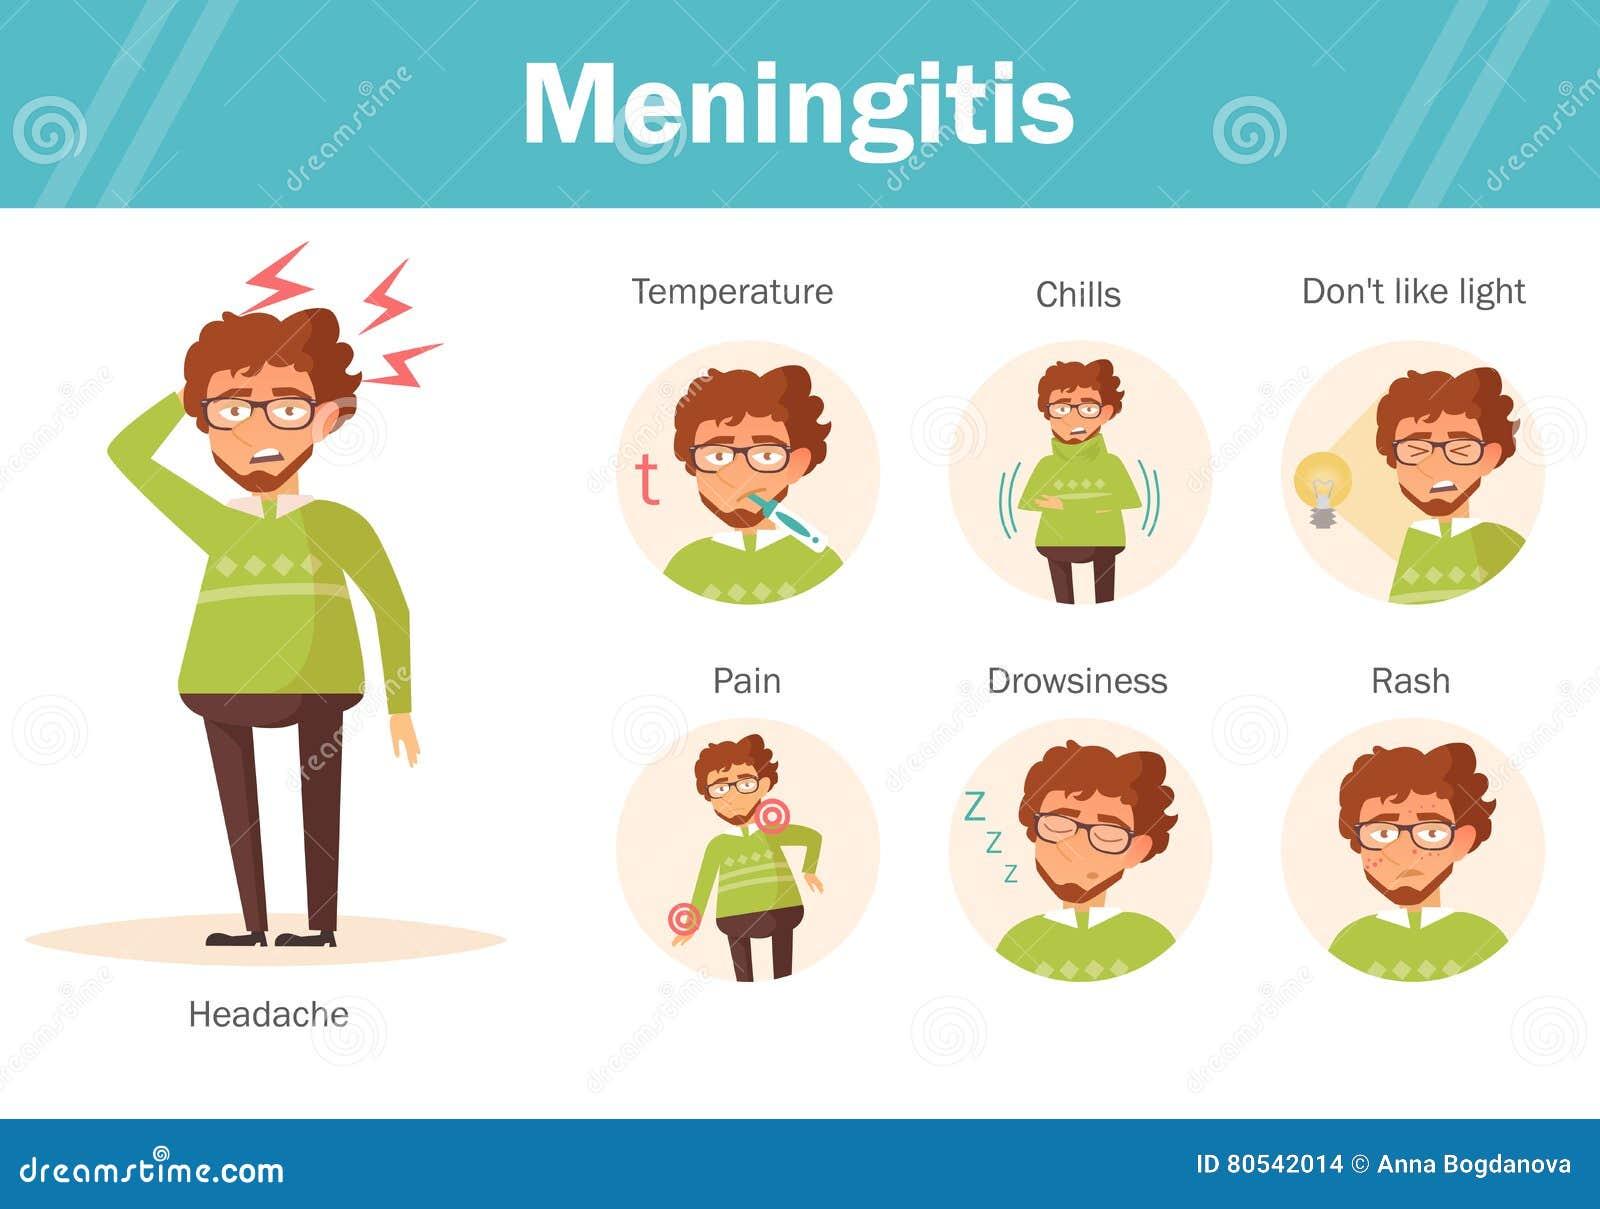 脑膜炎的症状